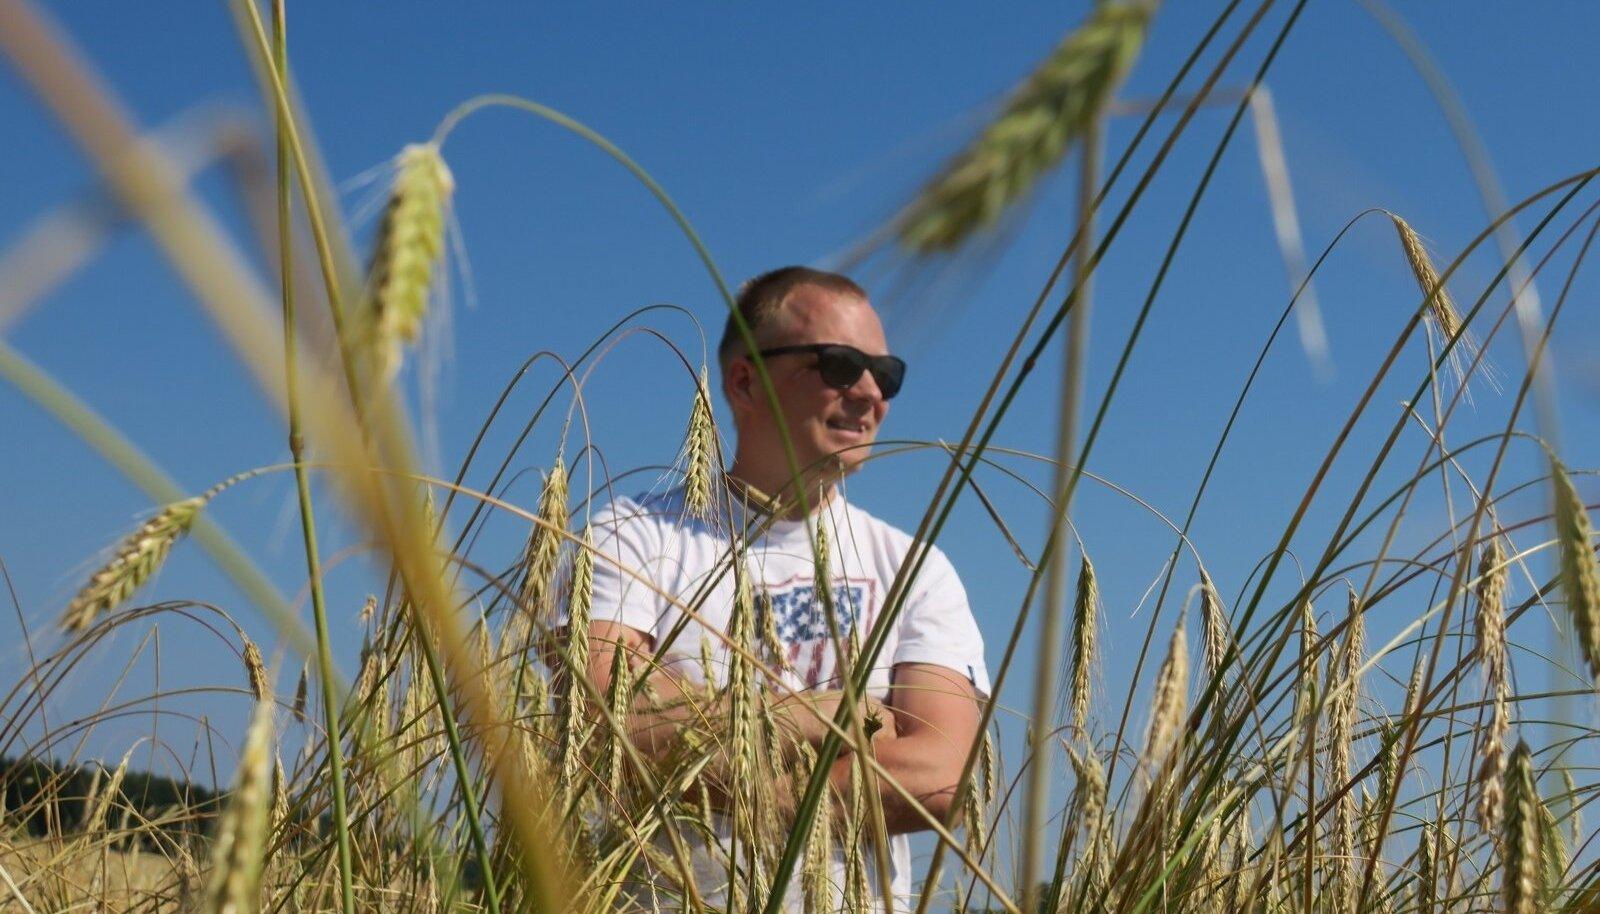 Mahepõlde on viljelusvõistlusel viis. Järvamaal tegutsev mahetootja ja -töötleja Märtin Rõõmussaar võistleb esmakordselt ja 'Sangaste' rukkiga.